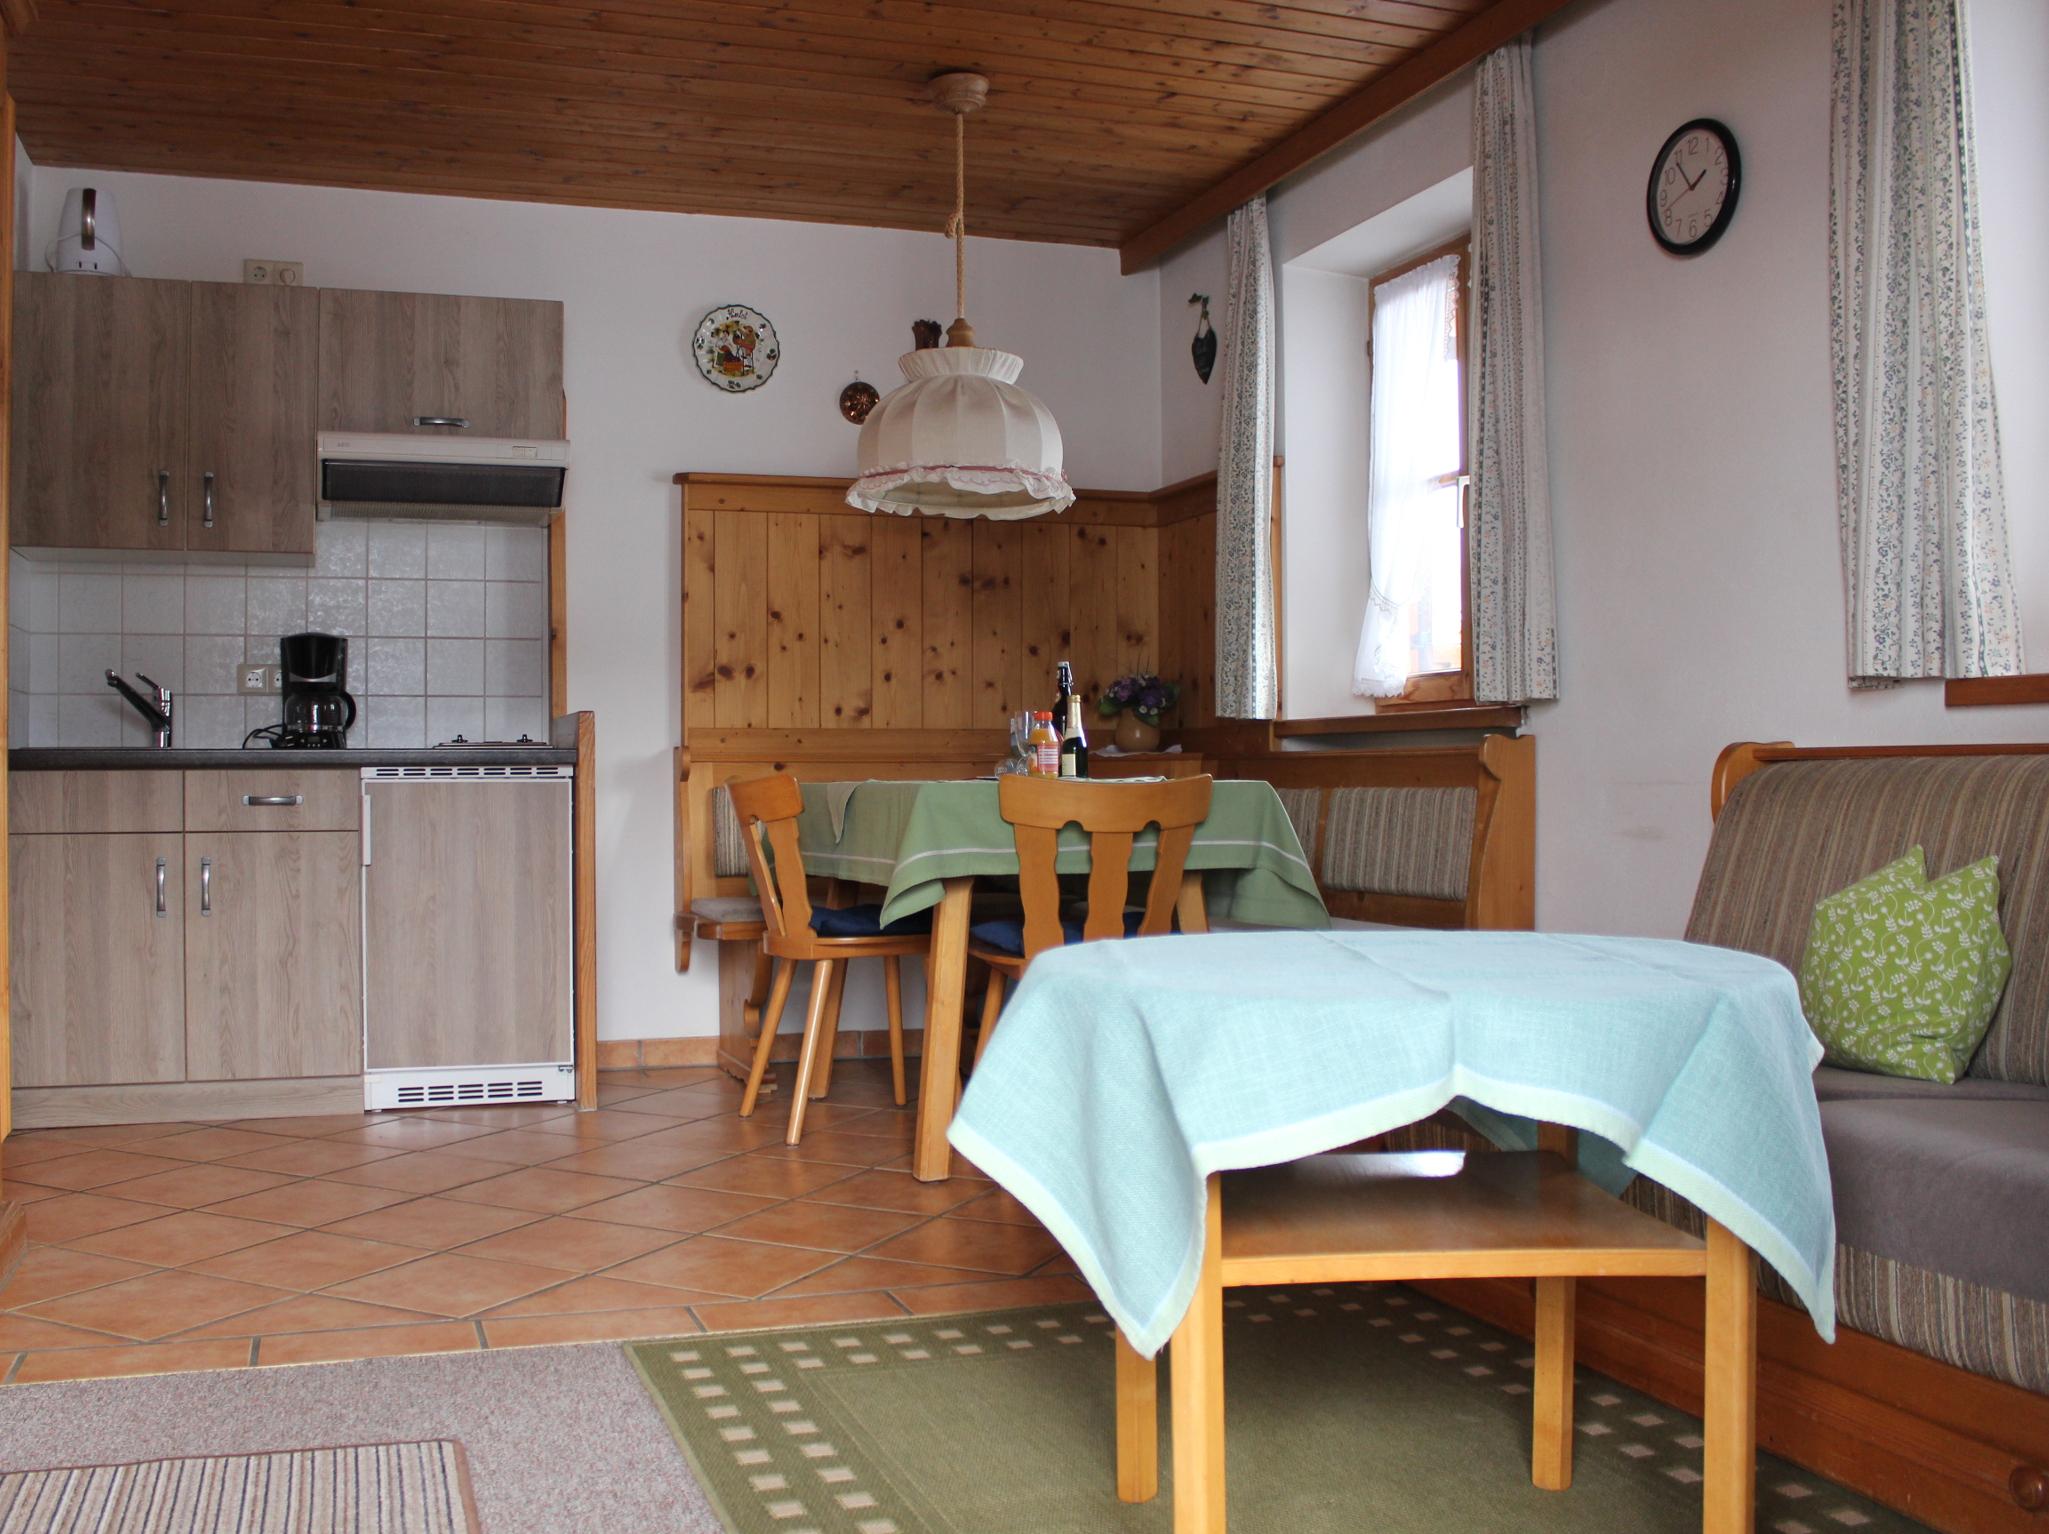 Appartement de vacances Gästehaus Kress - Chiemgau Karte (DE Inzell). Ferienwohnung 2 für 4 Personen, 1 Schlaf- un (712315), Inzell, Chiemgau, Bavière, Allemagne, image 13